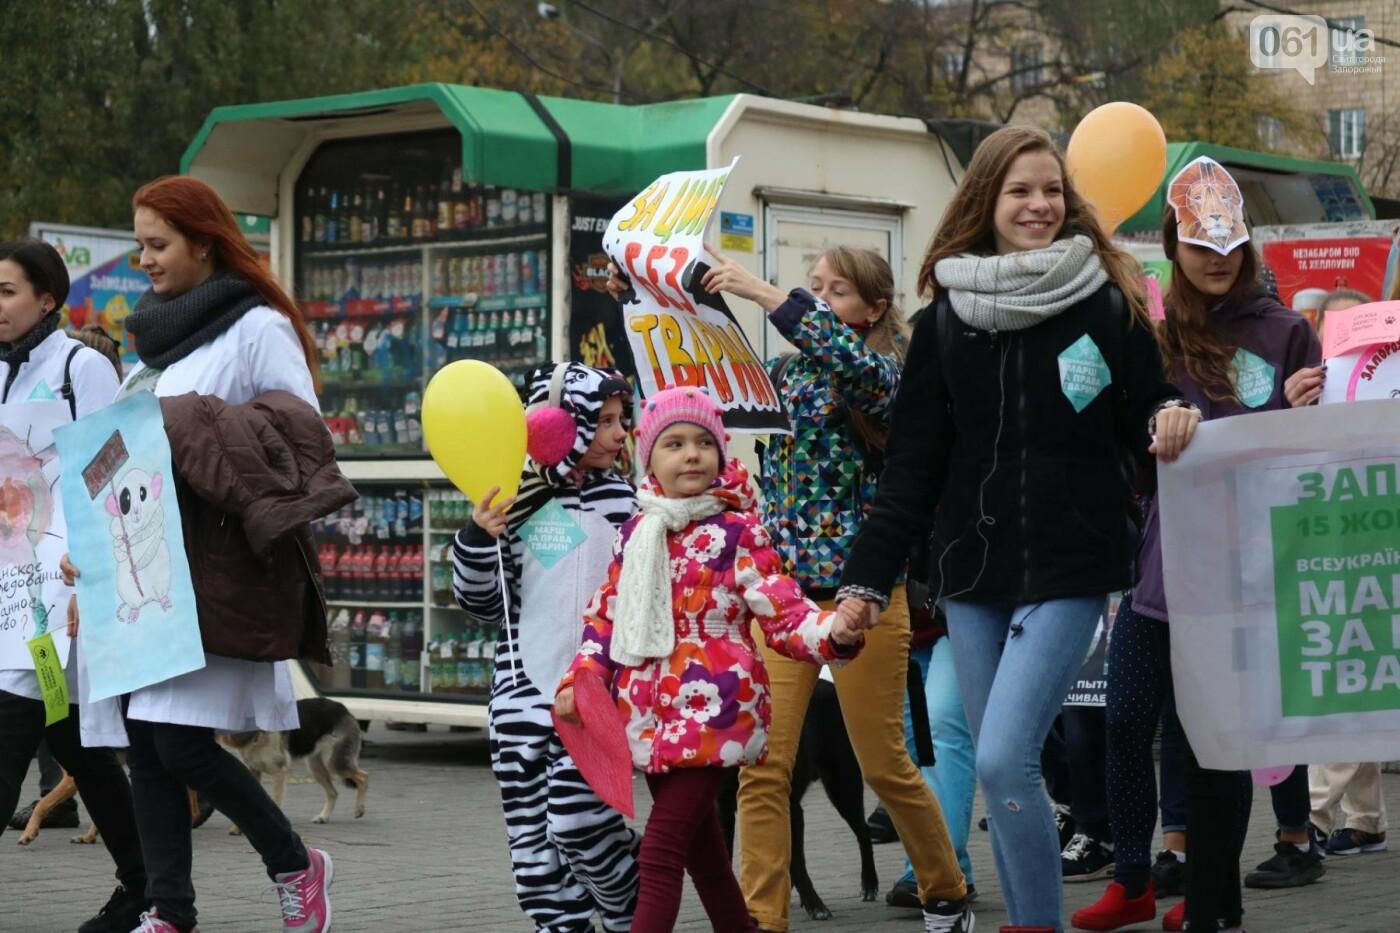 В Запорожье прошел марш за права животных, - ФОТОРЕПОРТАЖ, фото-21